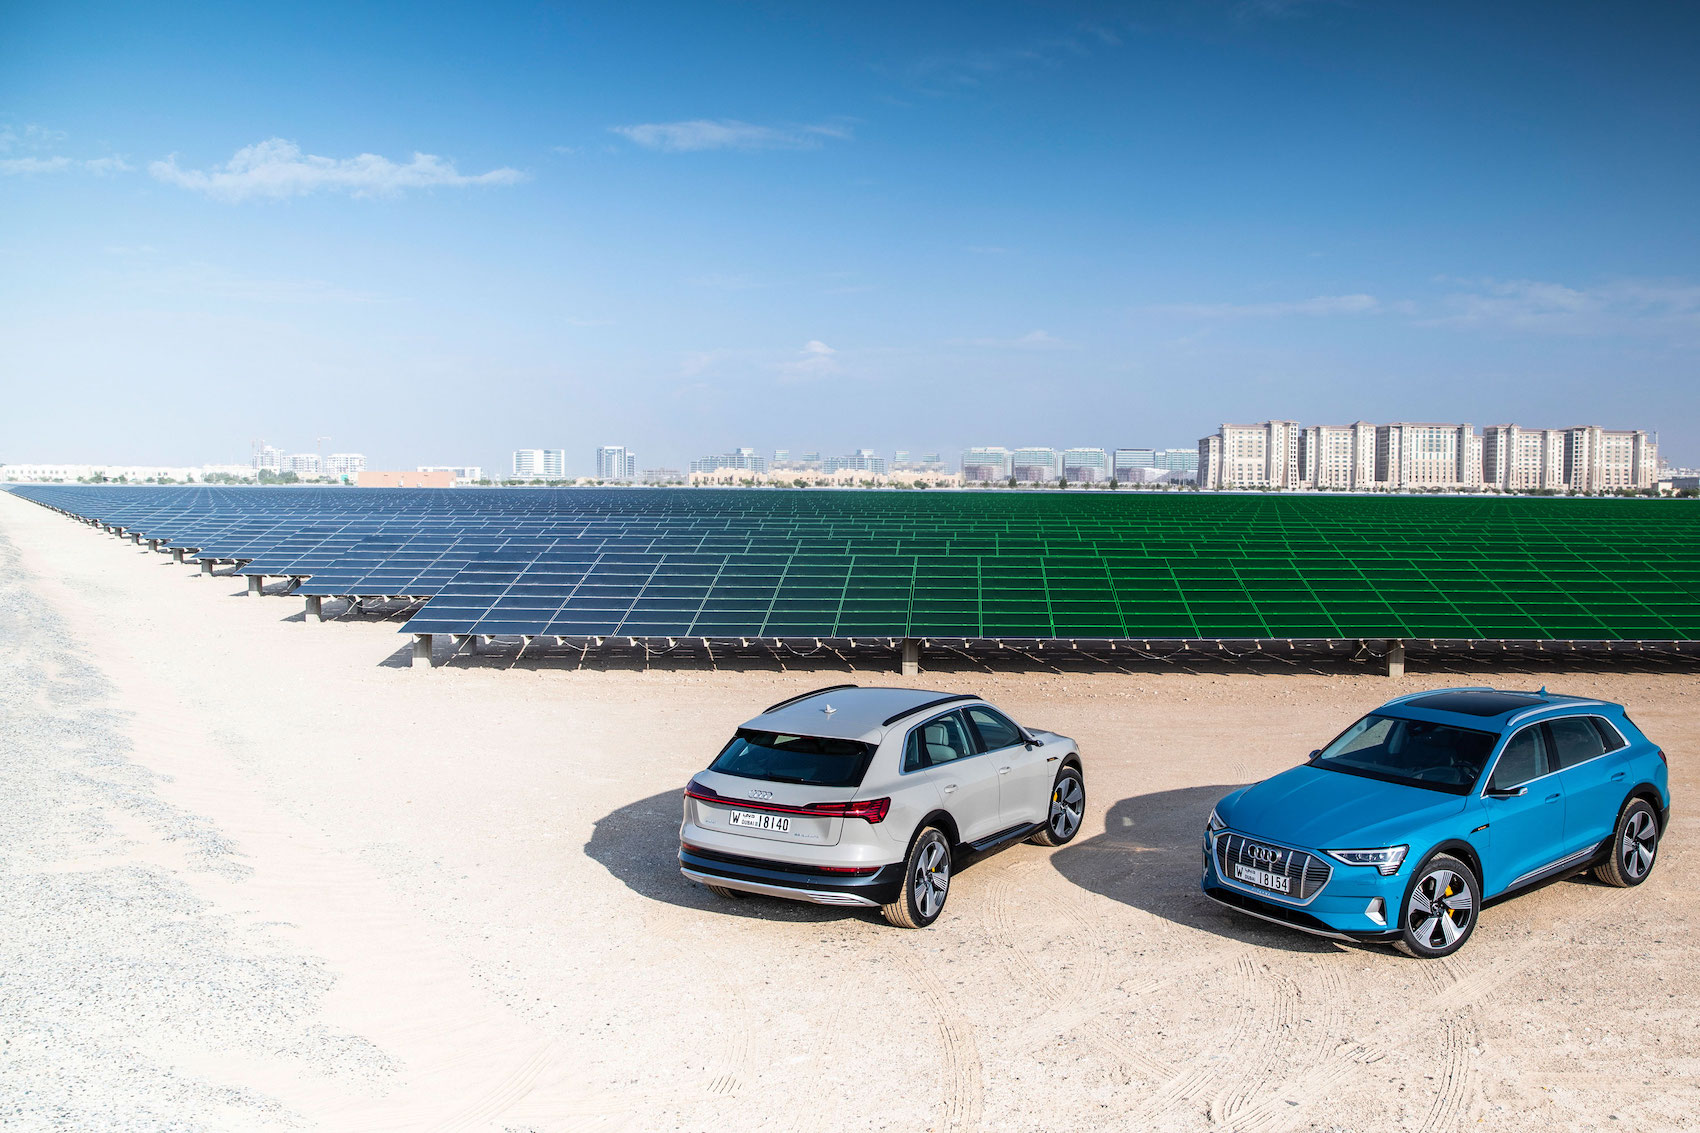 Il più grande impianto fotovoltaico del Medio Oriente a Masdar City nell'emirato di Abu Dhabi. (AUDI/redazione Brand Studio)